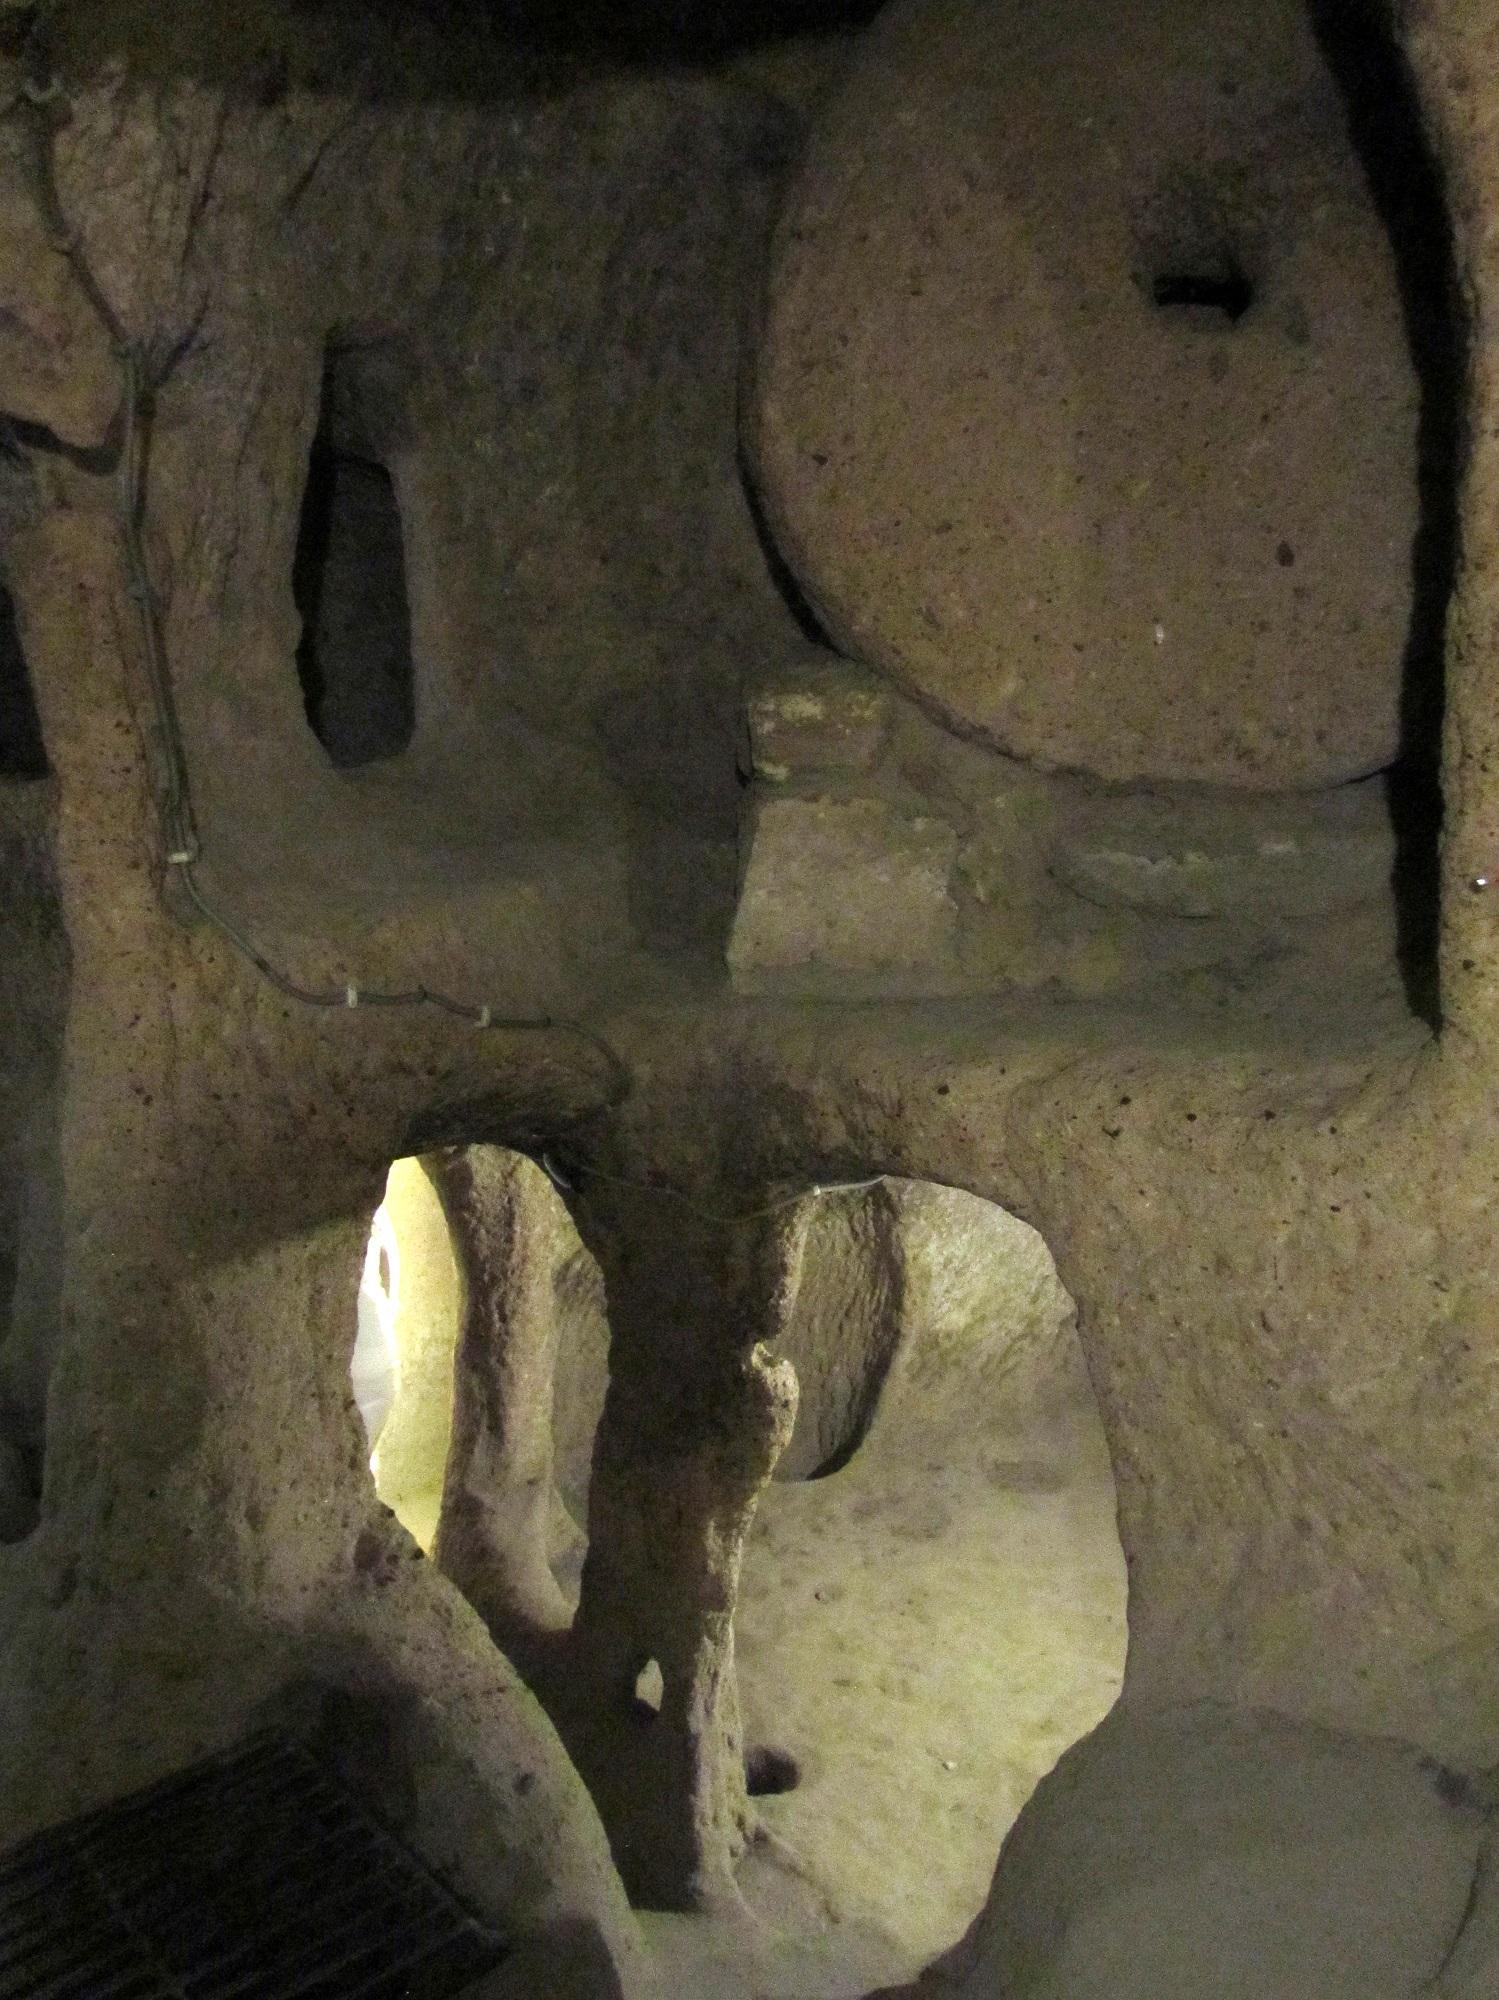 Sisänäkymä Kaymaklin maanalaisesta kaupungista. Ylhäällä oikealla näkyy myllynkivestä tehty turva-ovi.